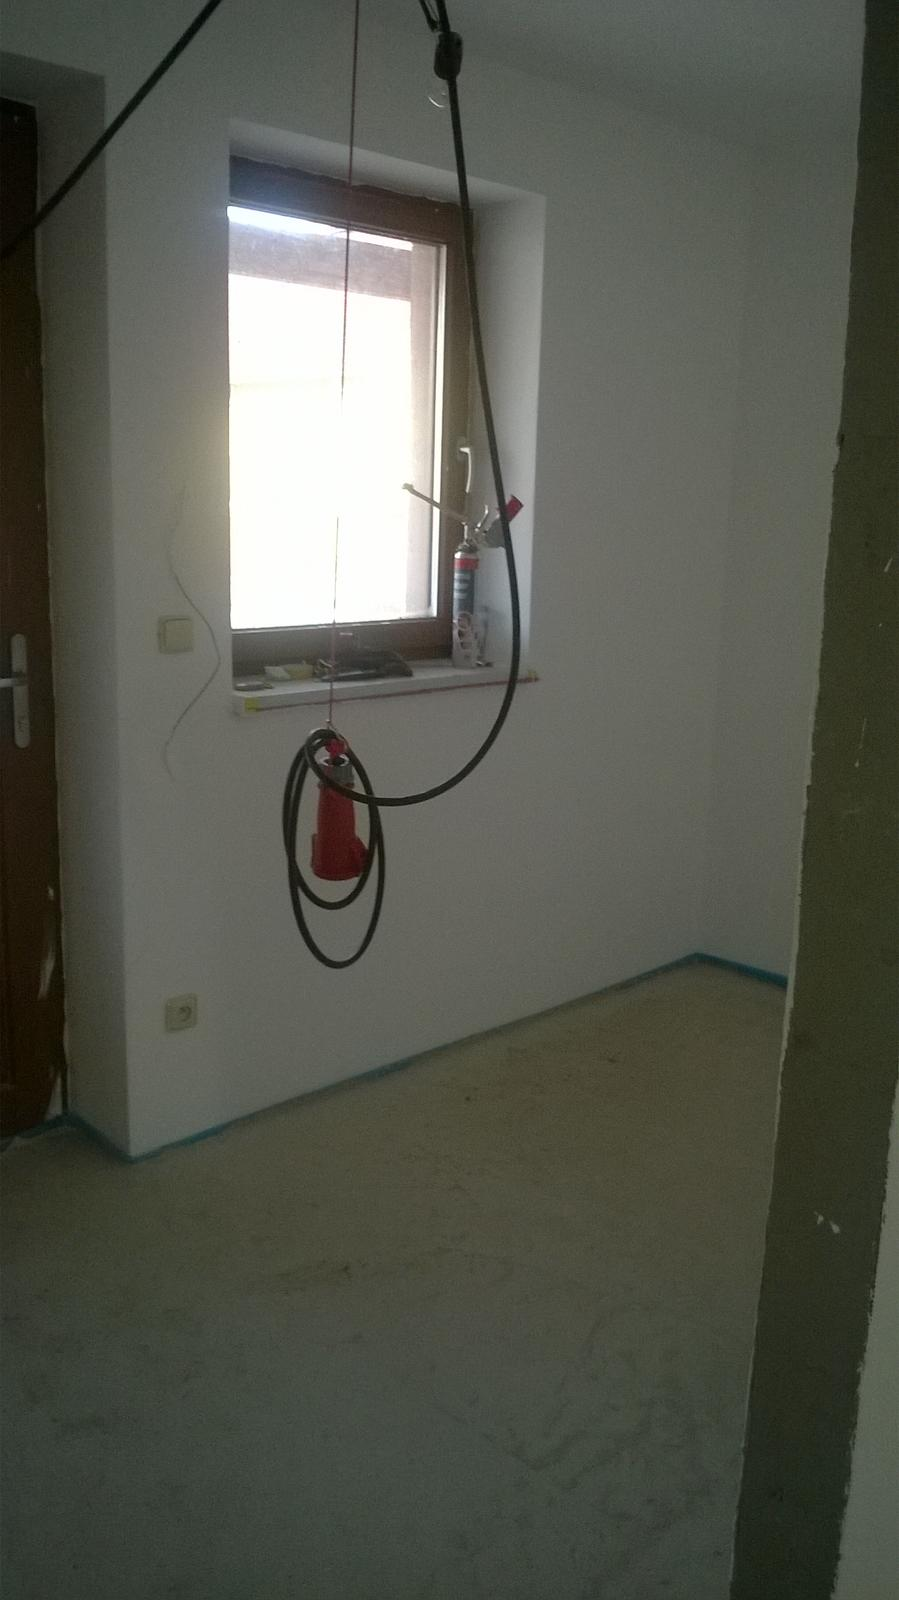 Stavba pasivního domu - Rekuperace jede, máme položené podlahové izolace, podlahové vytápění, vylitý anhydrid a už jen měsíc čekat, až vyschne :-/